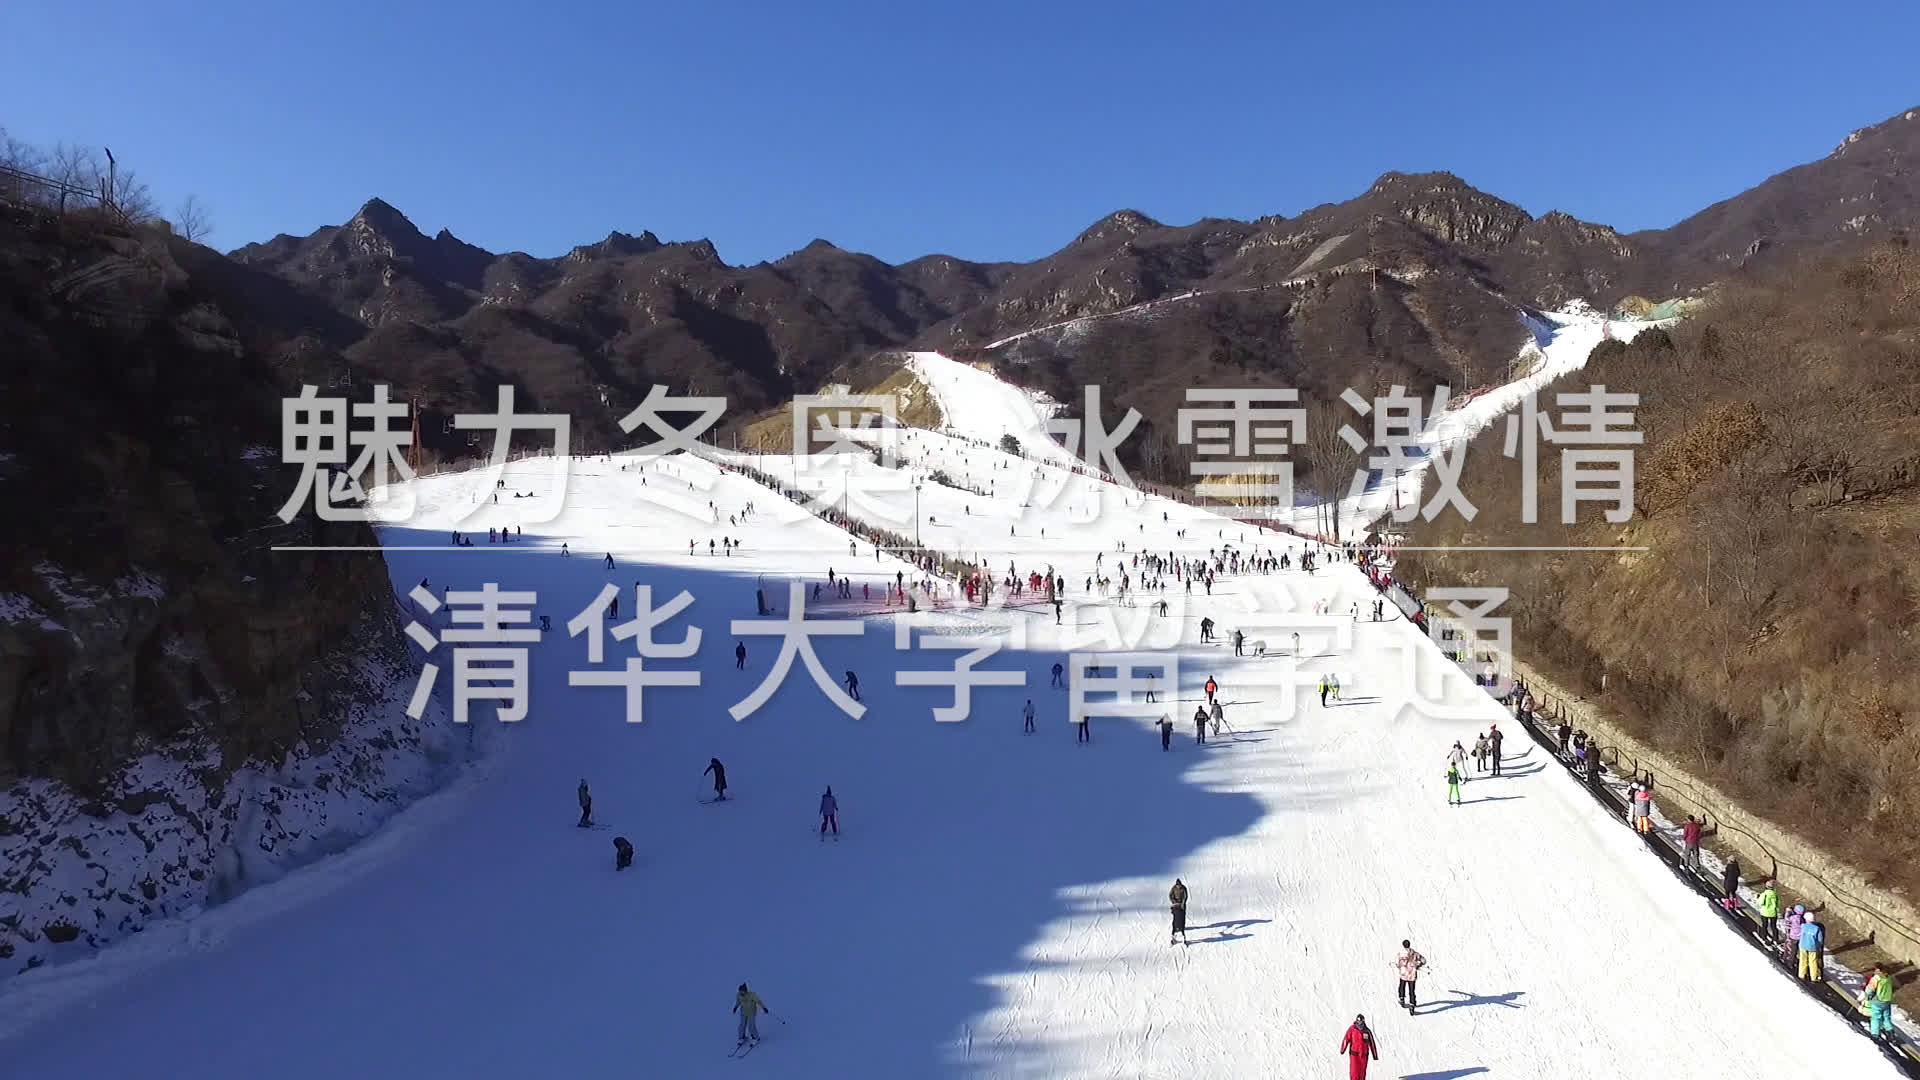 北京怀�9c.�i*y�%:h�9��_清华留学通·北京怀北滑雪场20170110